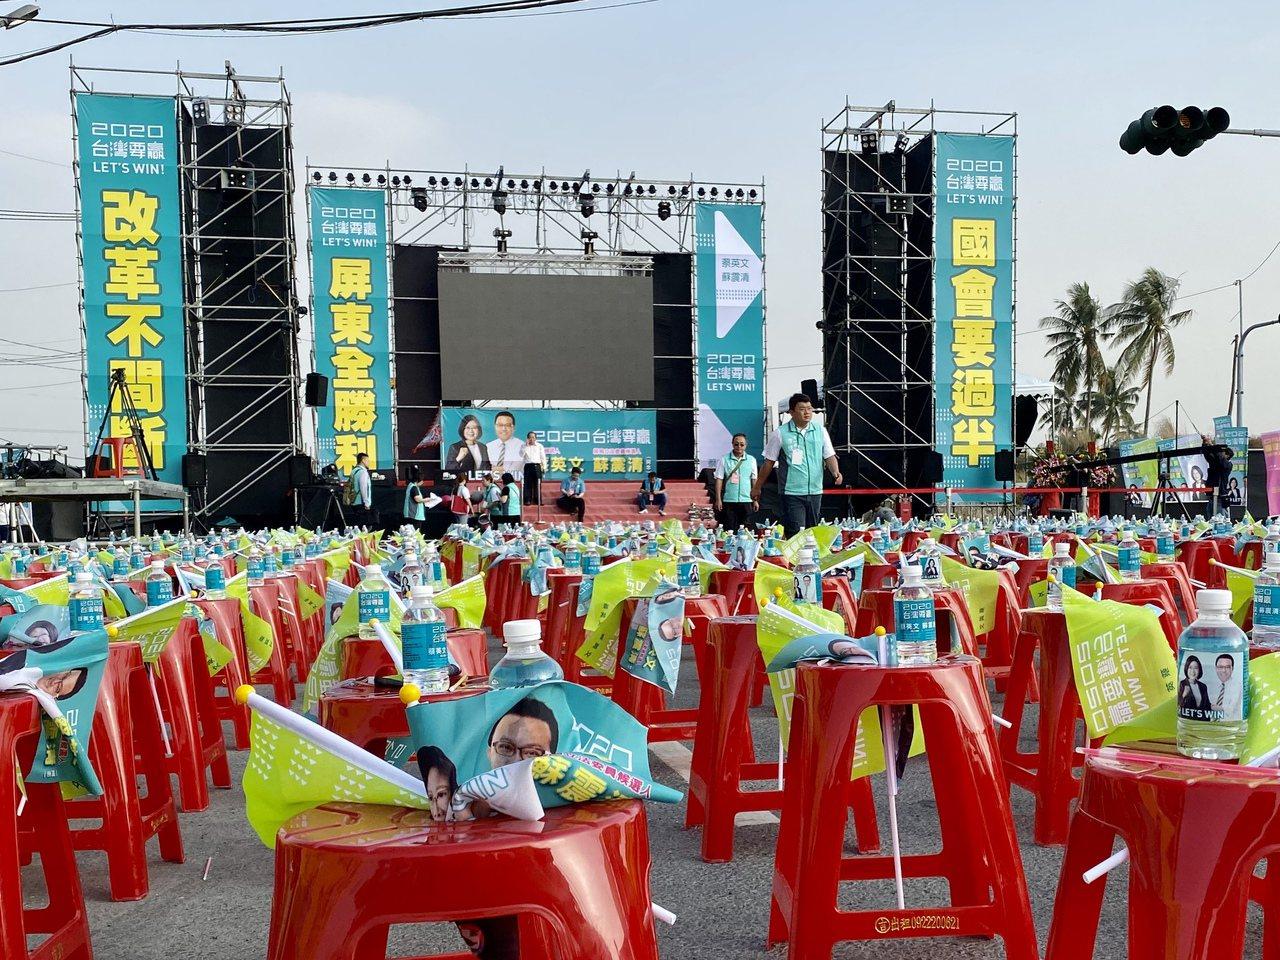 蘇震清陣營下午會場佈置完成,現場擺放上千張座椅。記者江國豪/攝影